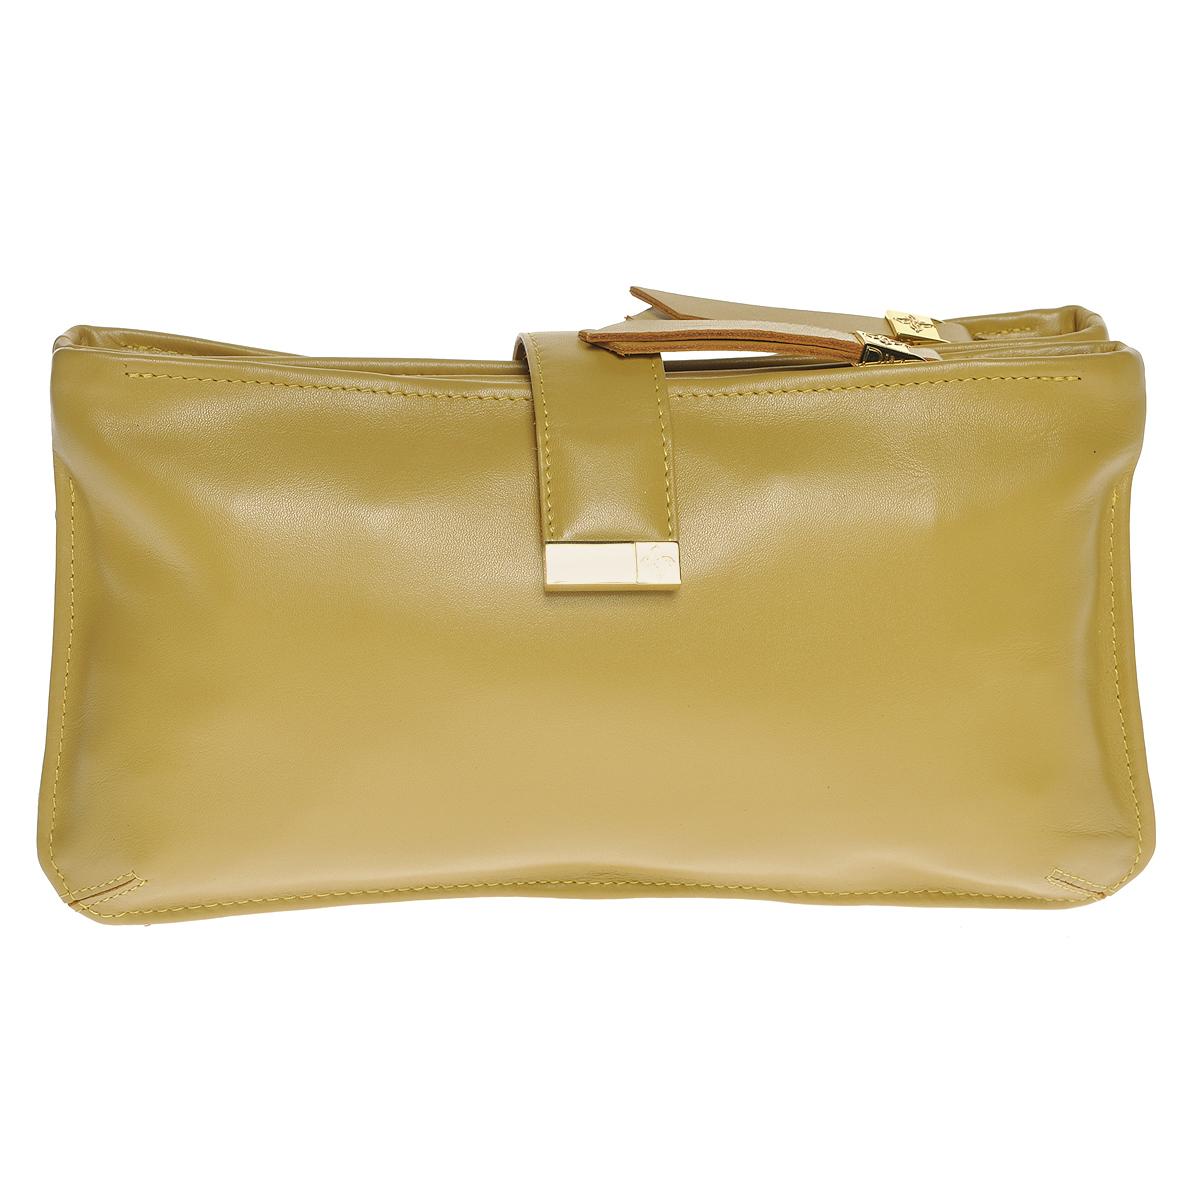 Сумка-клатч женская Dimanche Bowling Bag, цвет: горчичный. 435/41/R435/41/RСтильная женская сумка-клатч Dimanche Bowling Bag выполнена из натуральной высококачественной кожи, закрывается хлястиком на кнопке-магните. Сумка состоит из трех отделений: два из которых на застежках-молниях, и отделение без молнии. Внутри отделений на застежках-молниях - по одному дополнительному кармашку. Сумка оснащена удобным плечевым ремнем регулируемой длины. Сумка упакована в фирменный текстильный мешок. Женская сумка от Dimanche подчеркнет вашу яркую индивидуальность и сделает образ завершенным.